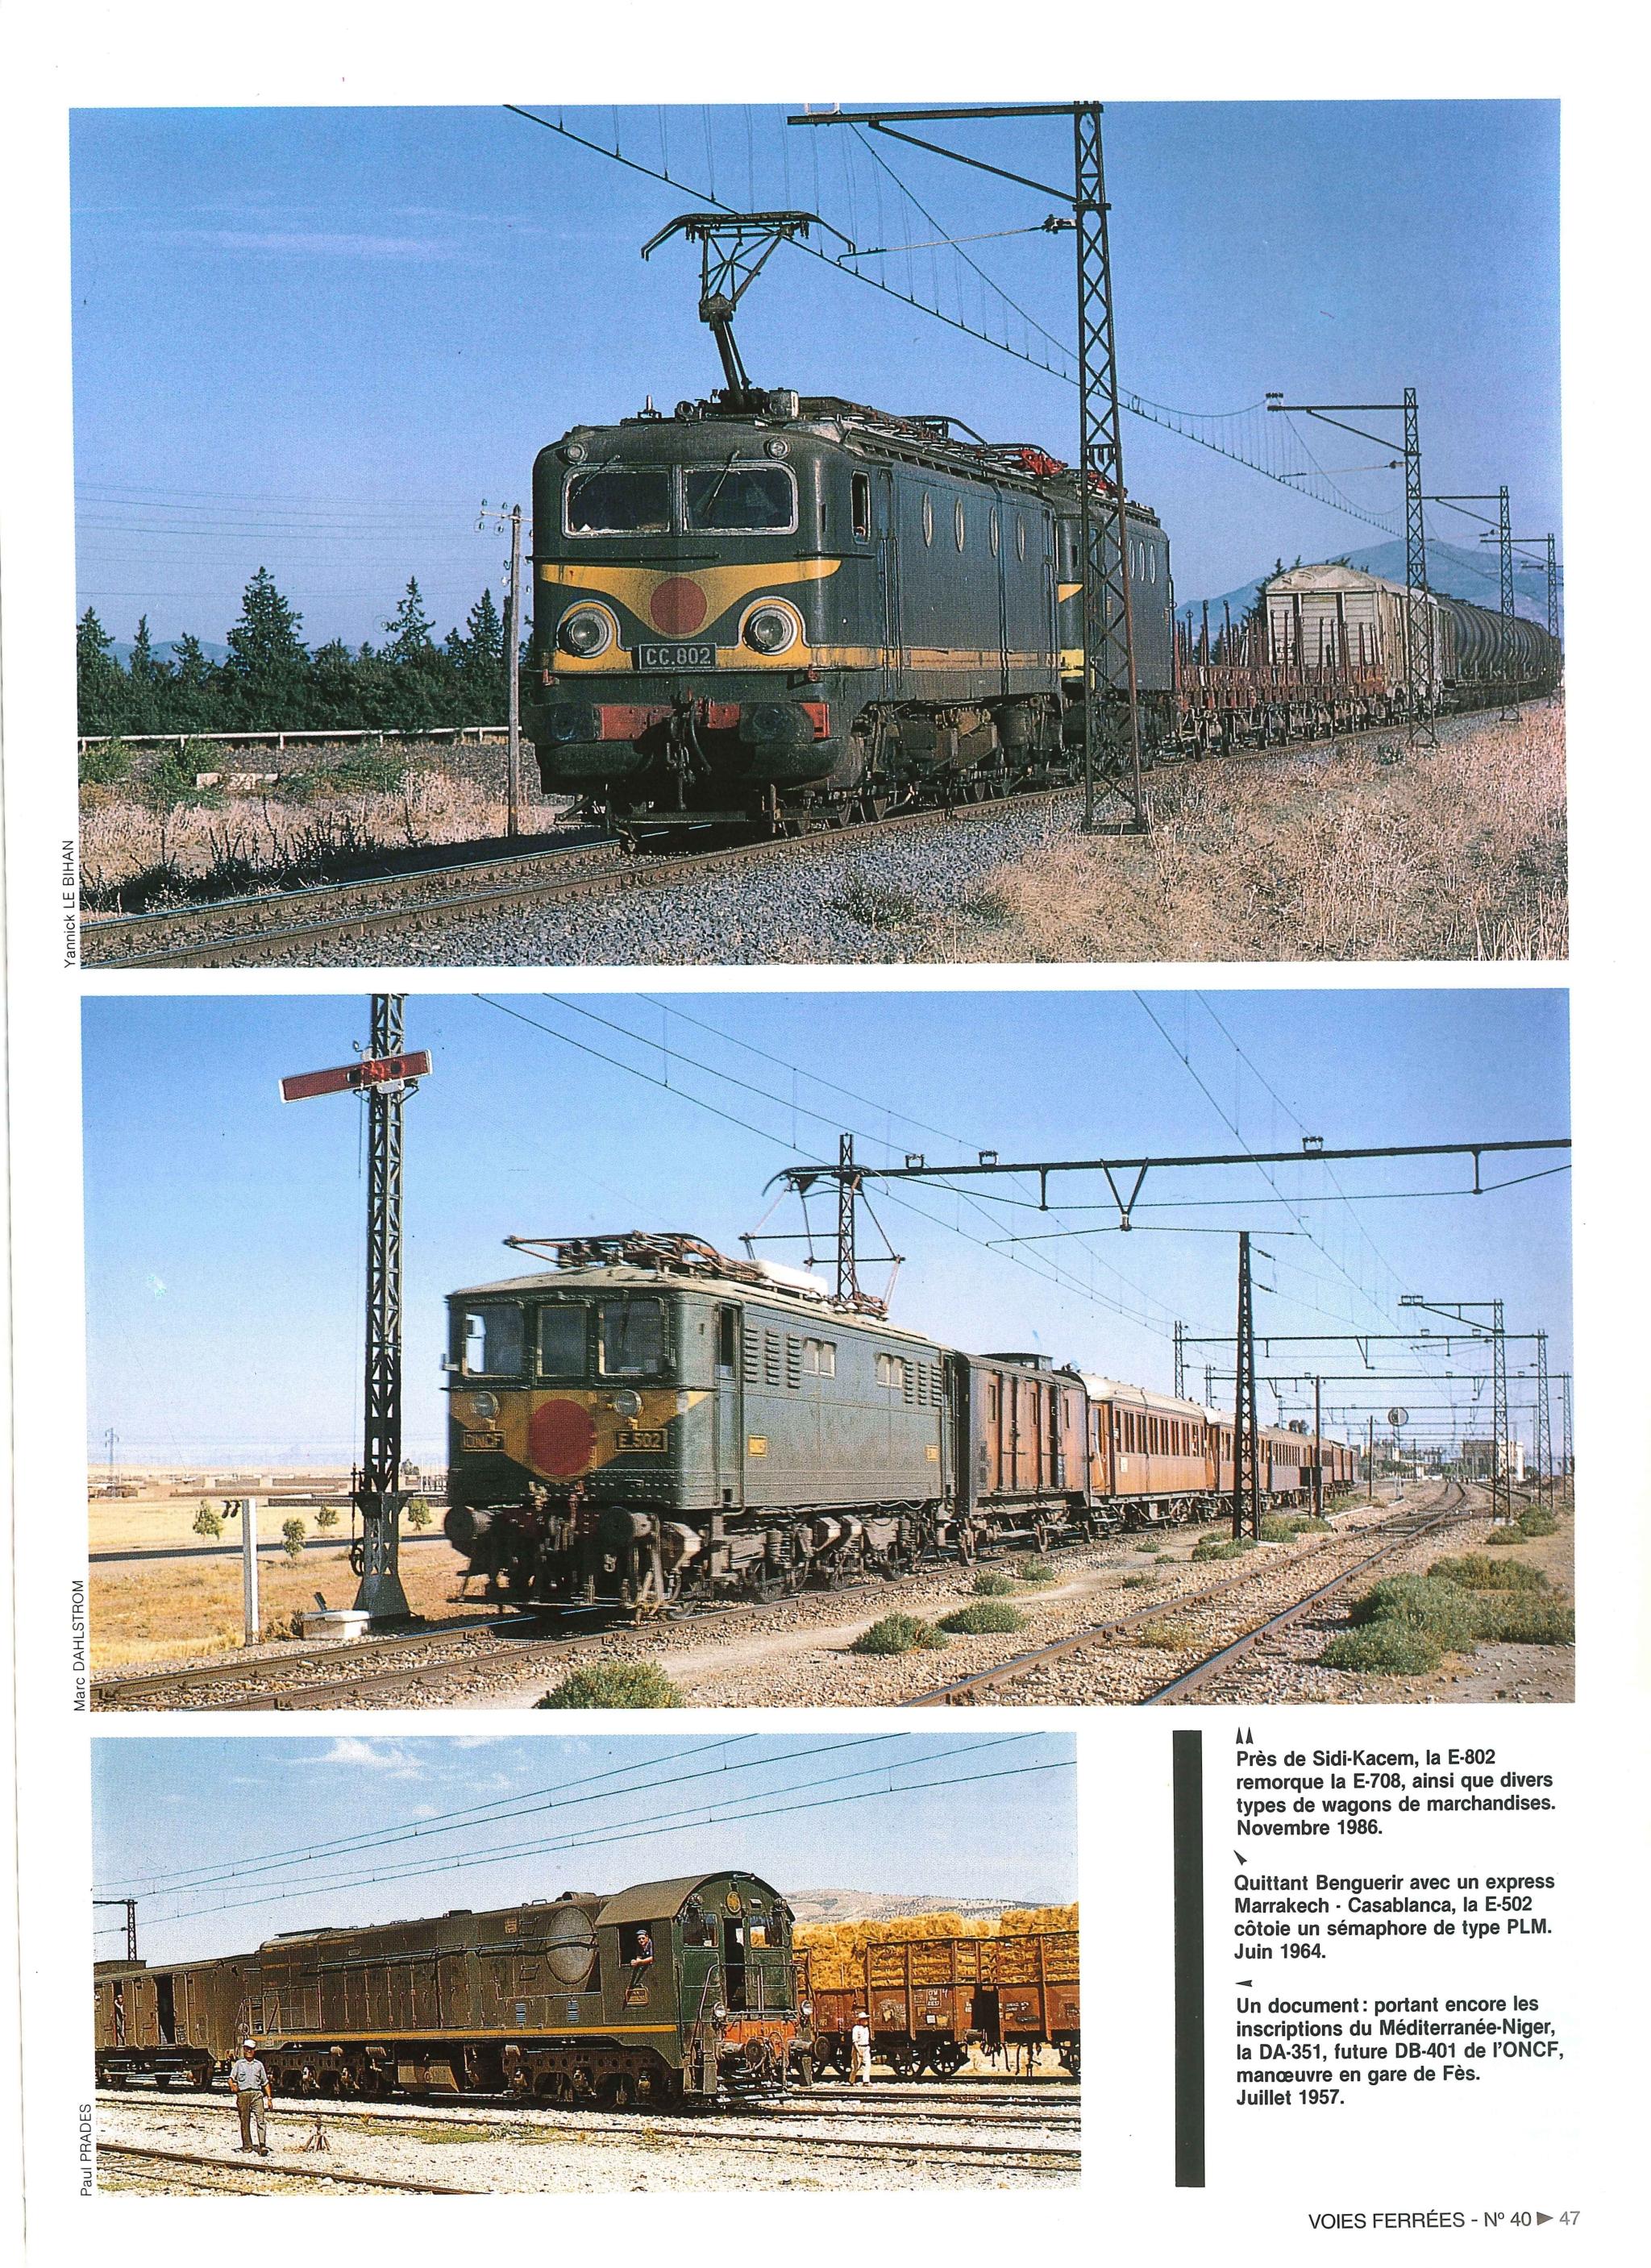 Chemins de Fer au Maroc - ONCF  - Page 4 49610012797_3d0d1a8941_o_d